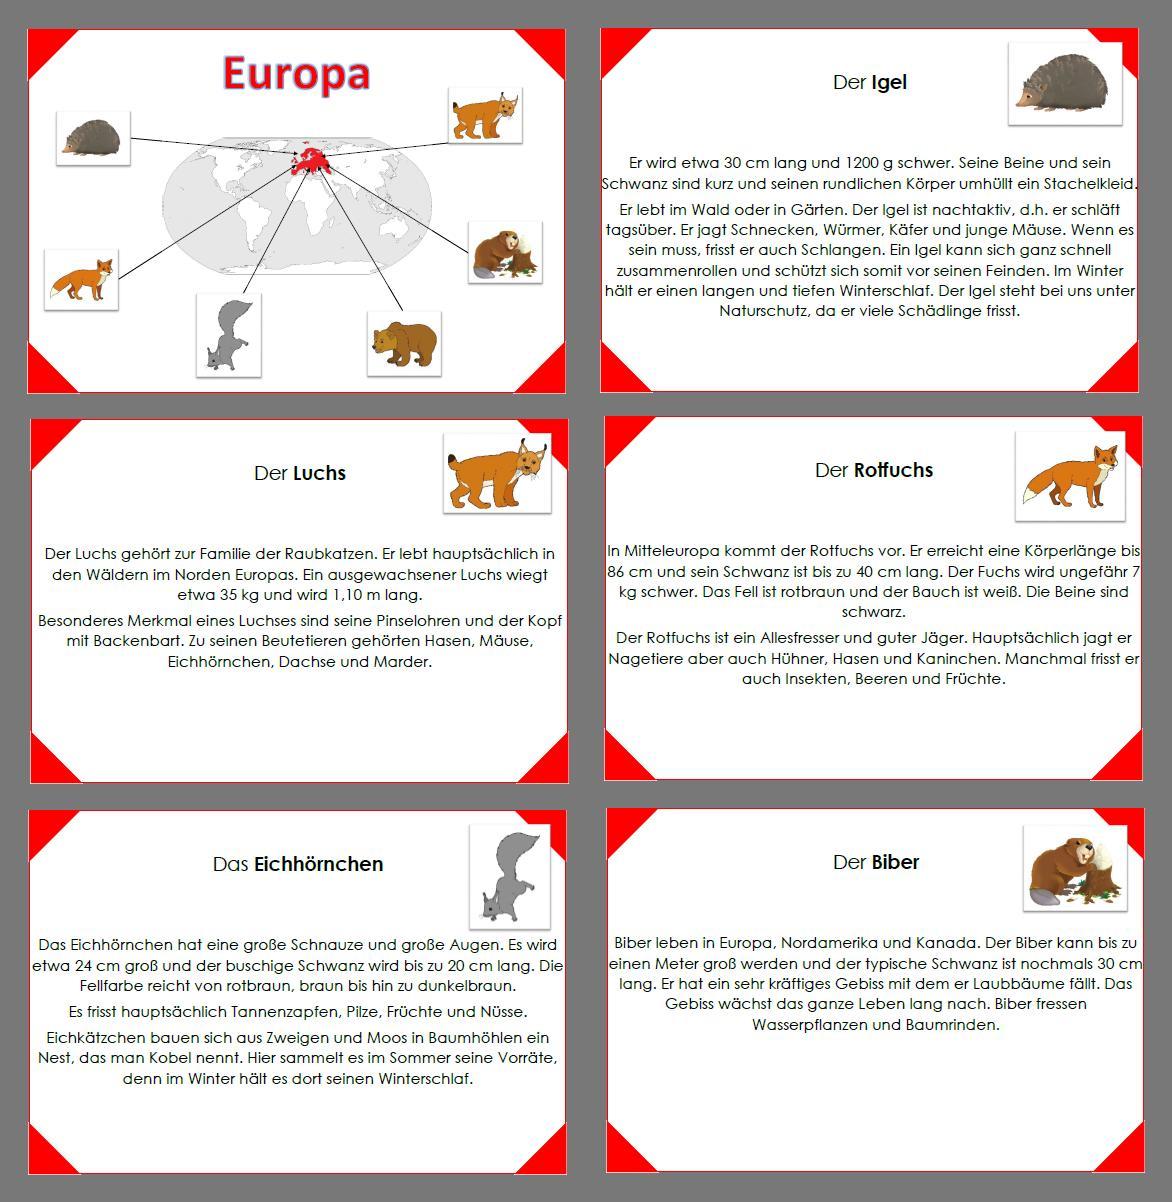 Tiere Der Welt Europa Unterrichtsmaterial Im Fach Sachunterricht In 2020 Europa Schule Spielerisches Lernen Europa